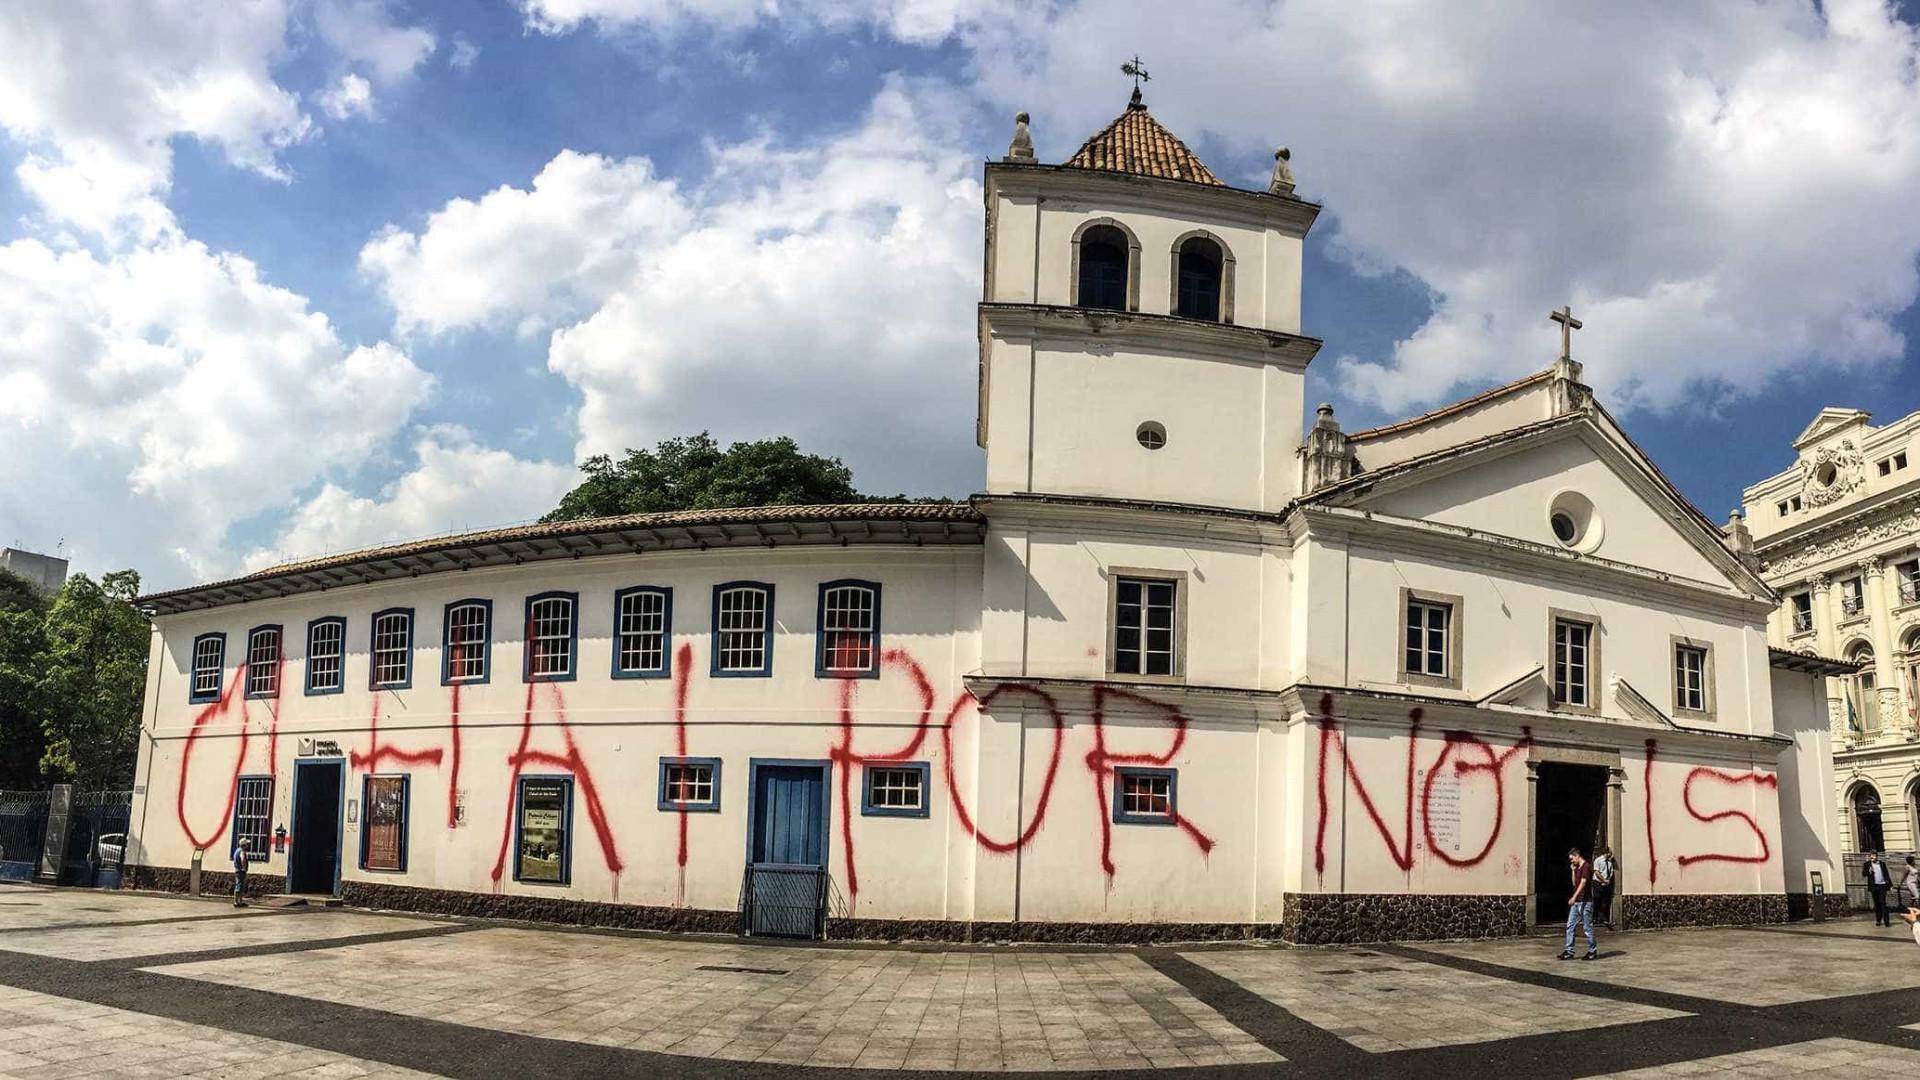 Em SP, restauração da fachada do Pátio do Colégio começa nesta segunda